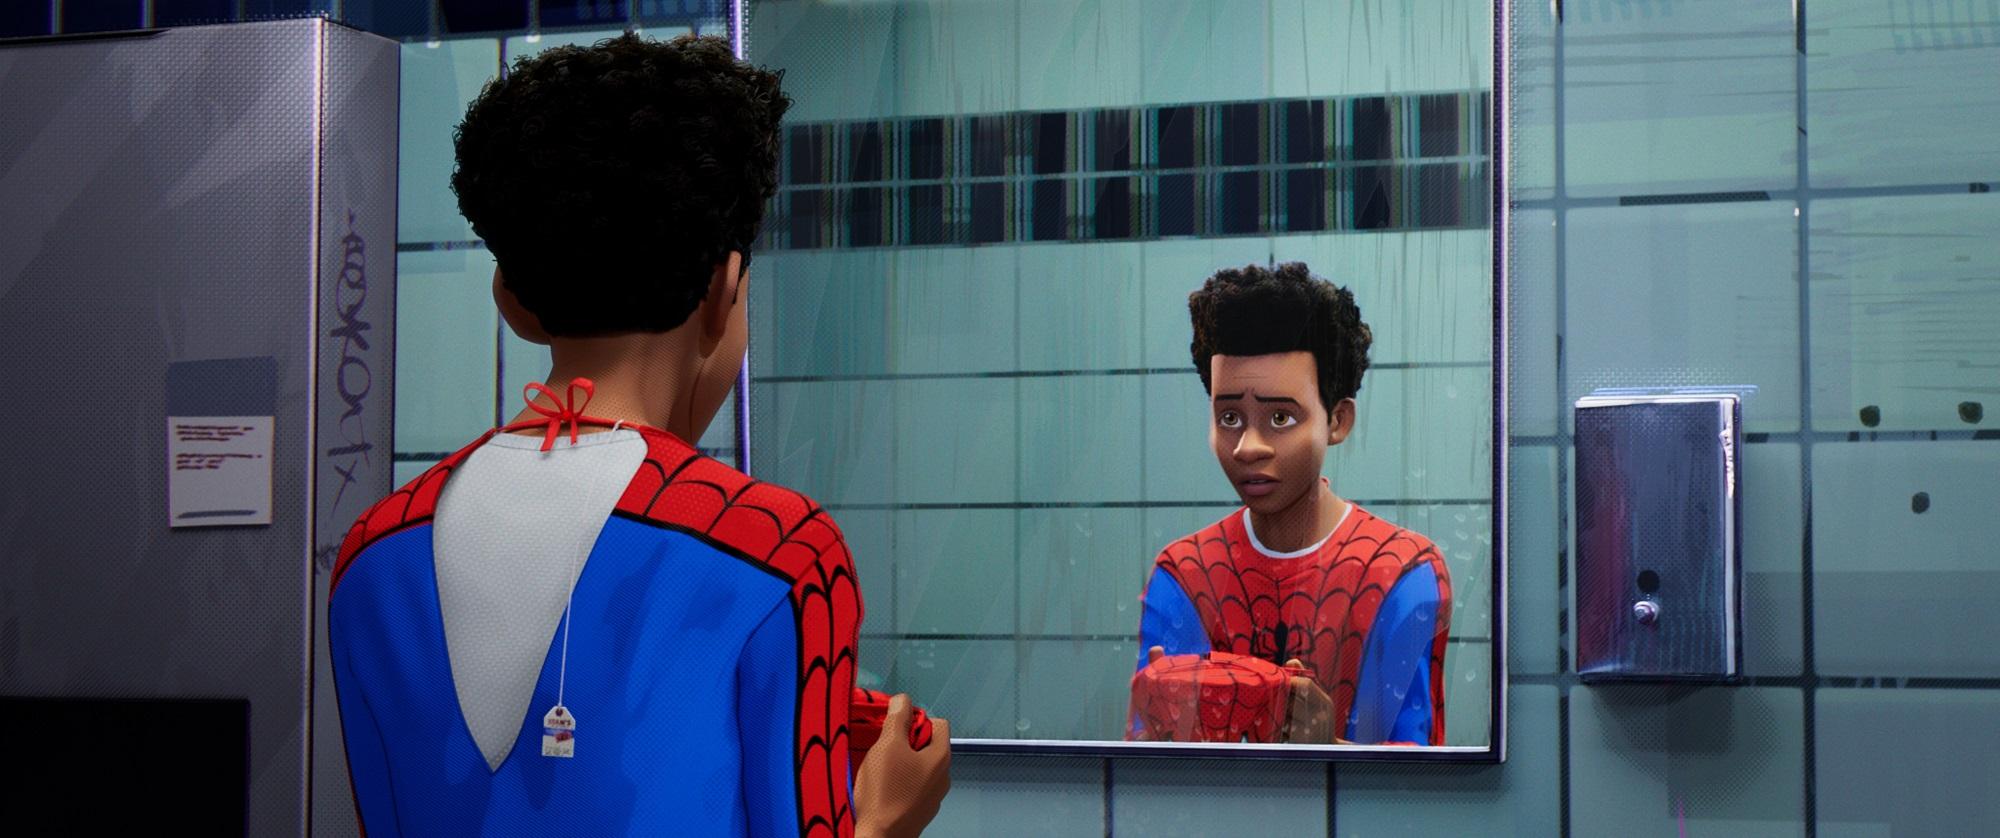 Risultati immagini per spider man into the spider verse